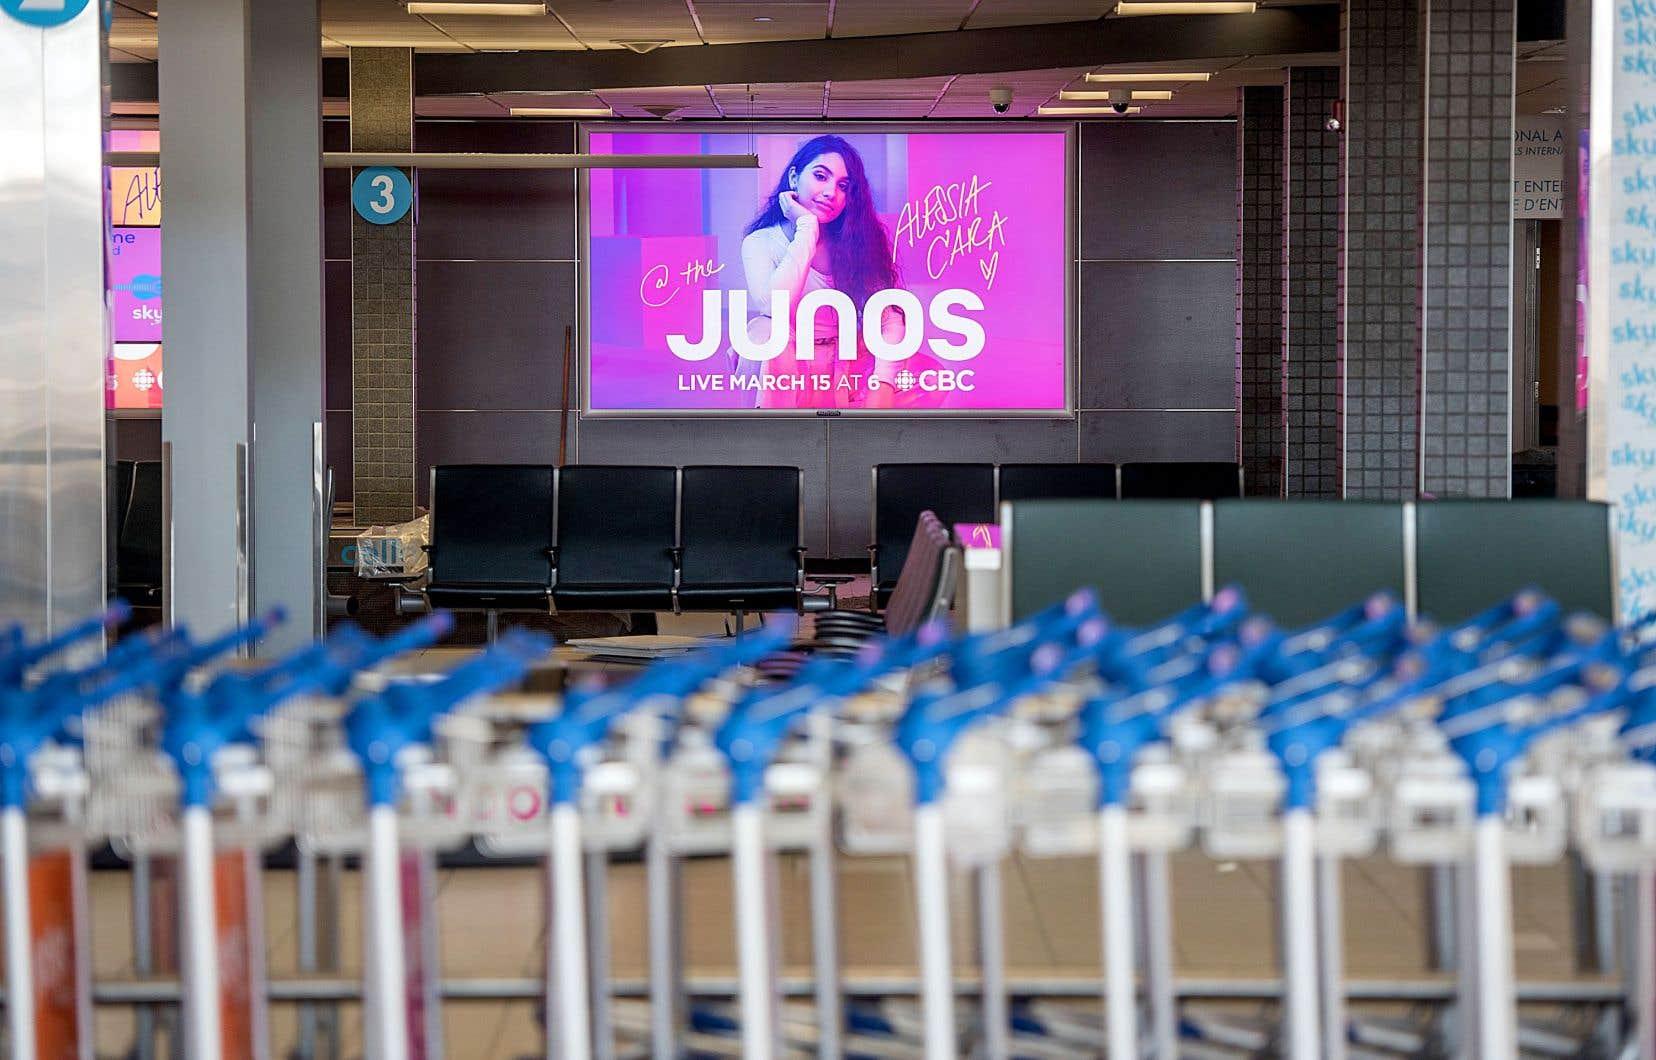 Le gala des Juno, qui récompense la musique canadienne, a été annulé jeudi matin, en guise de précaution. La cérémonie devait avoir lieu dimanche soir à Saskatoon.